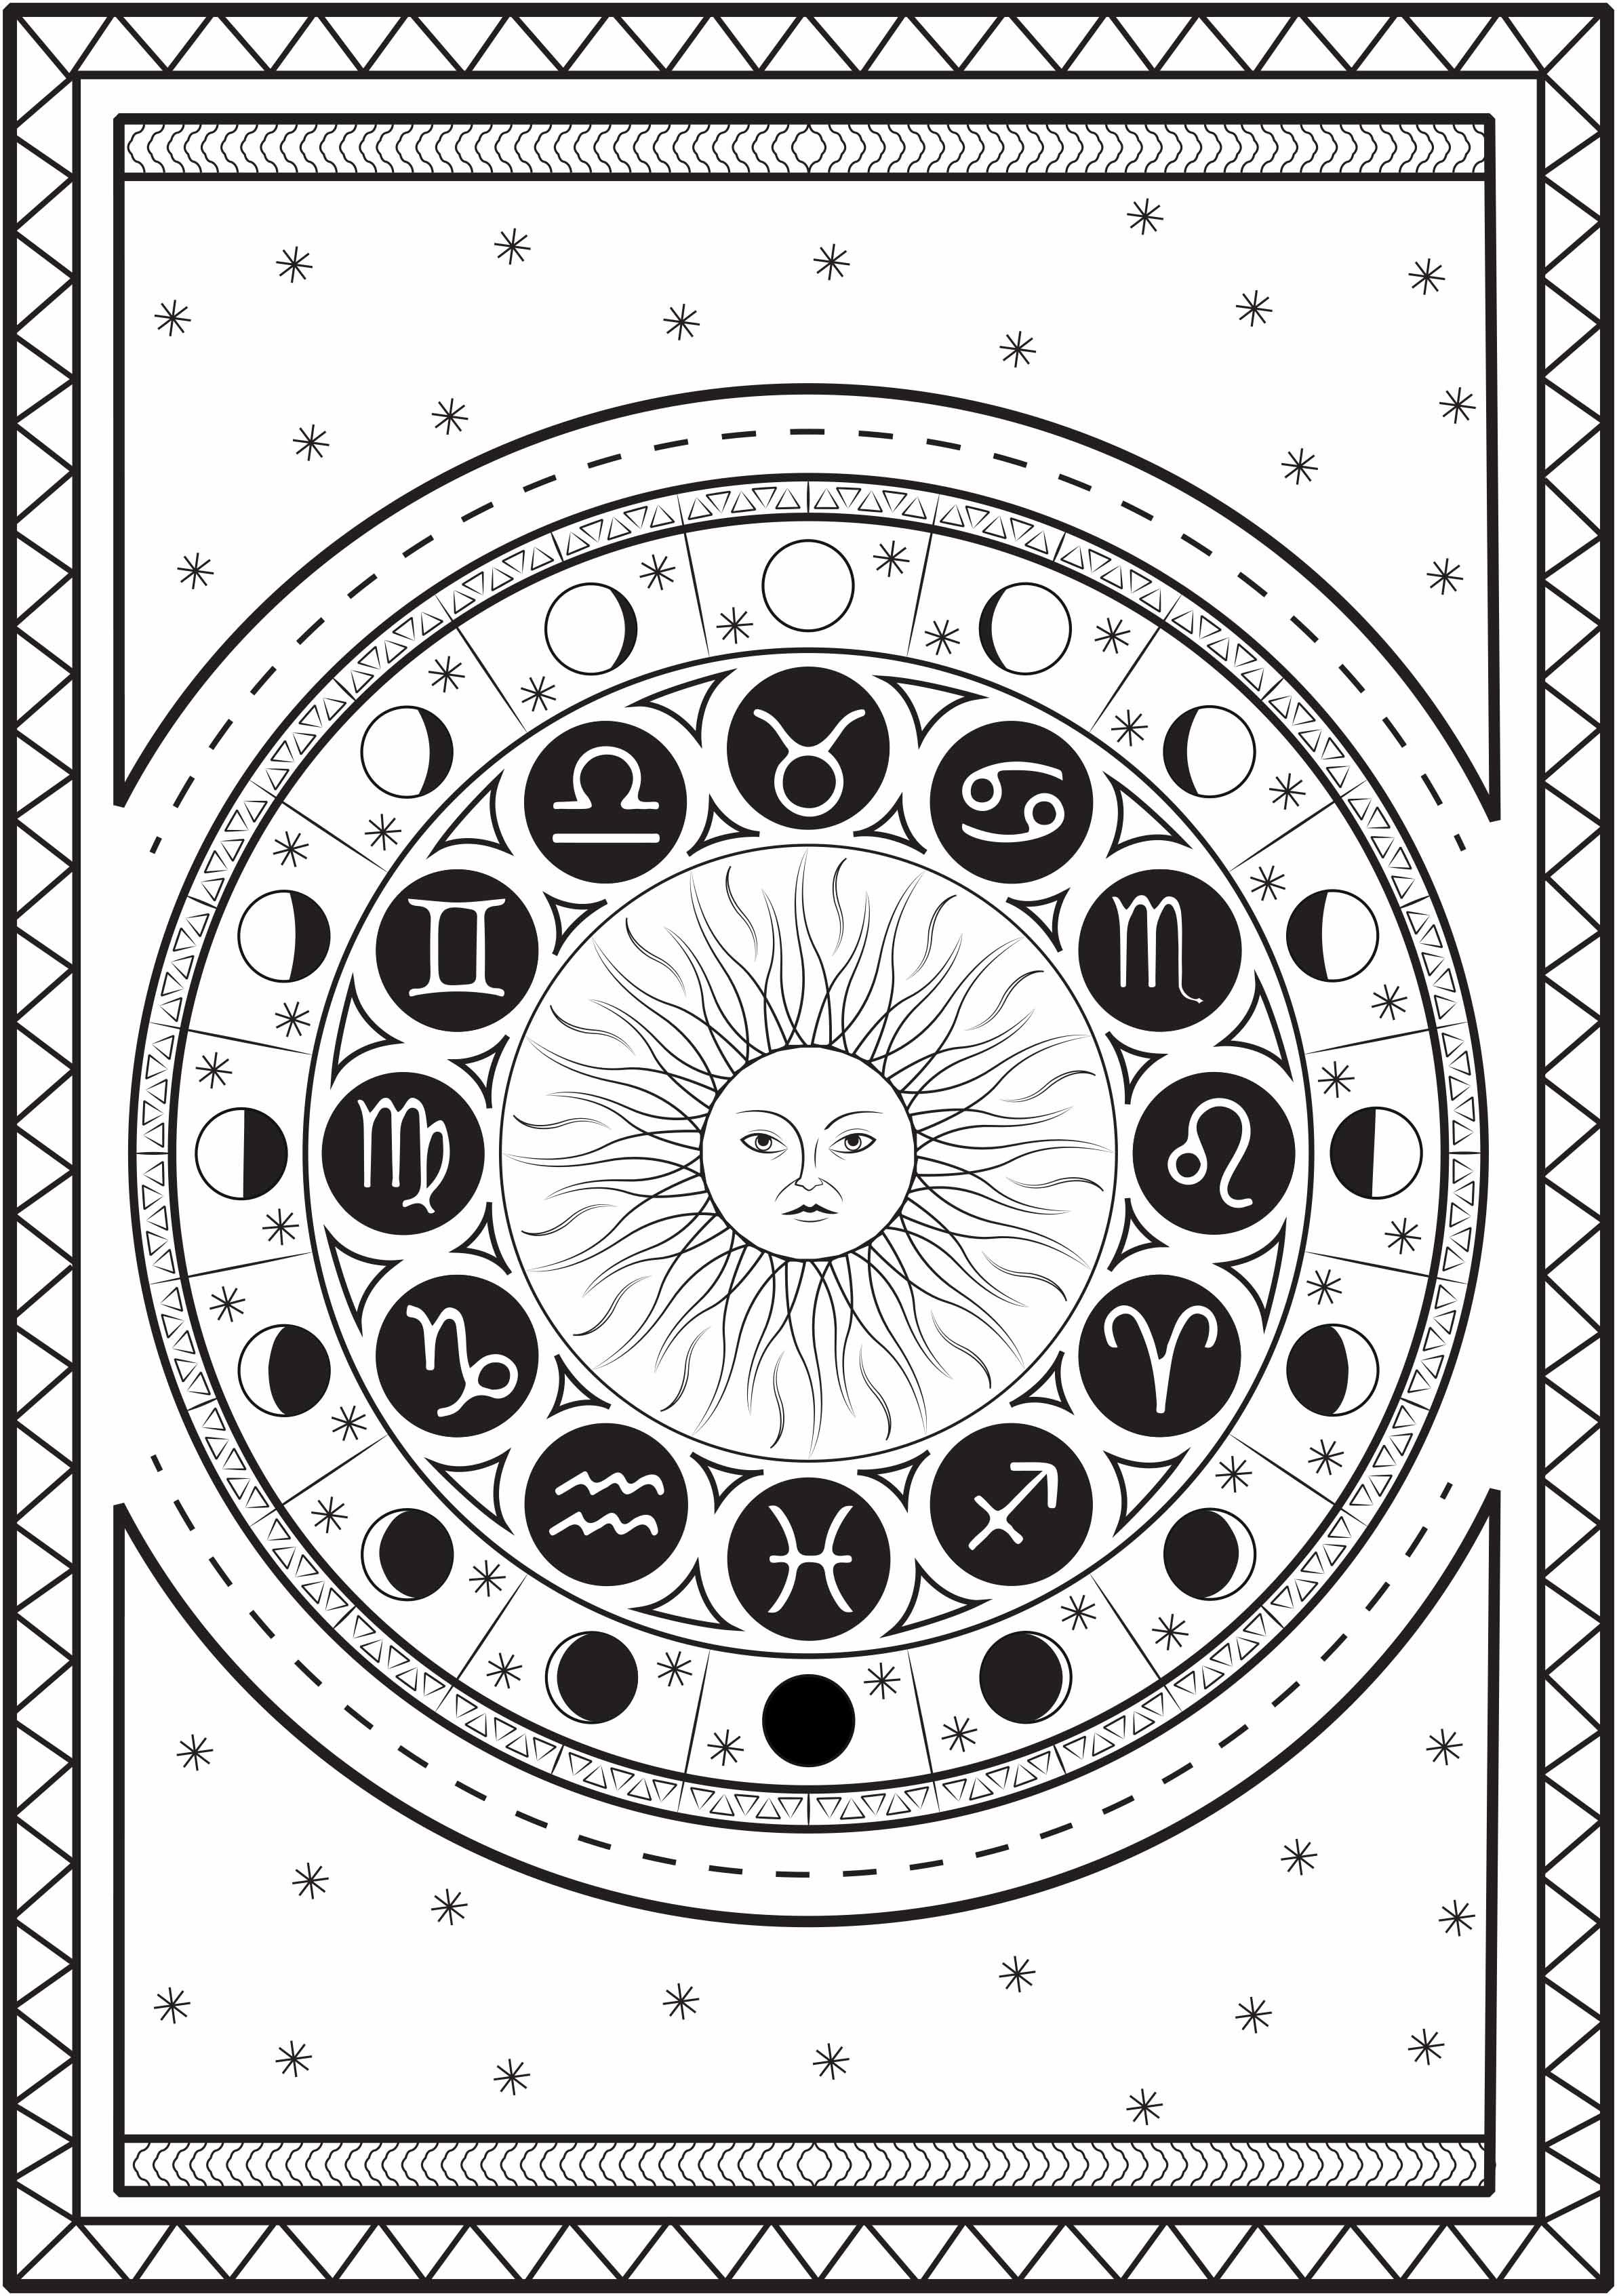 Mandala composé des signes astrologiques autour d'un soleil, avec le cycle de la lune, sur un fond étoilé